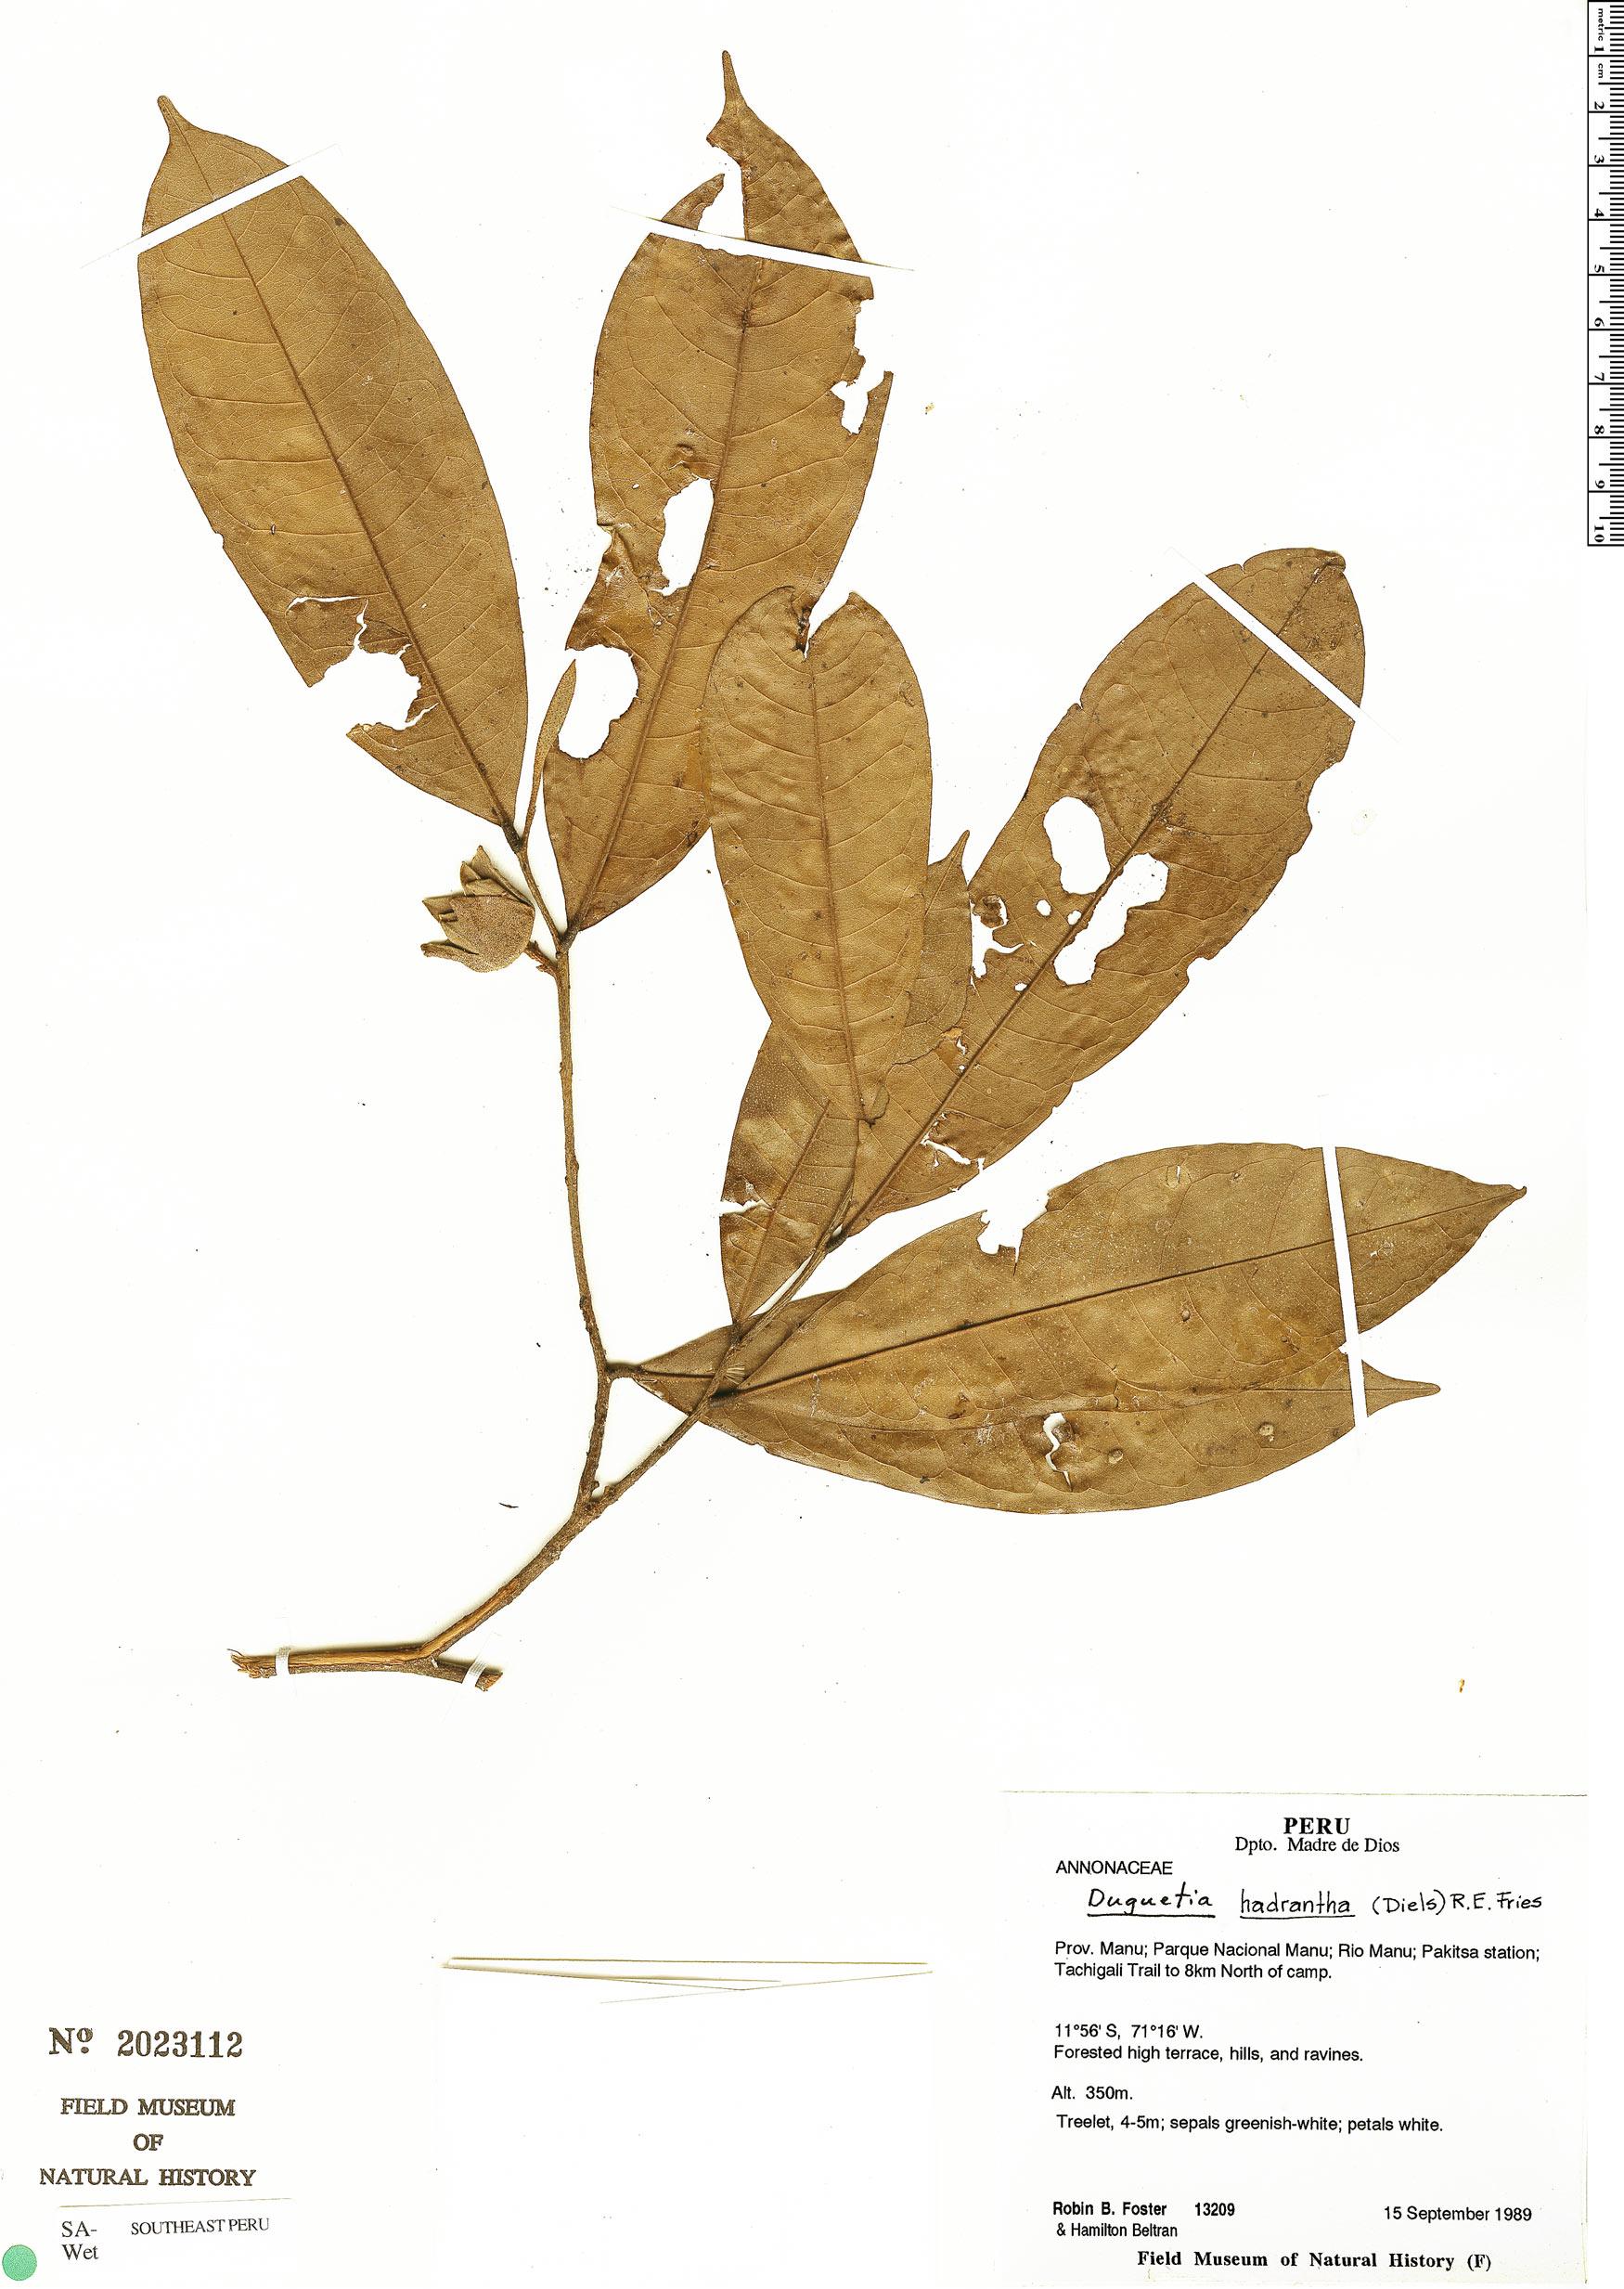 Specimen: Duguetia hadrantha